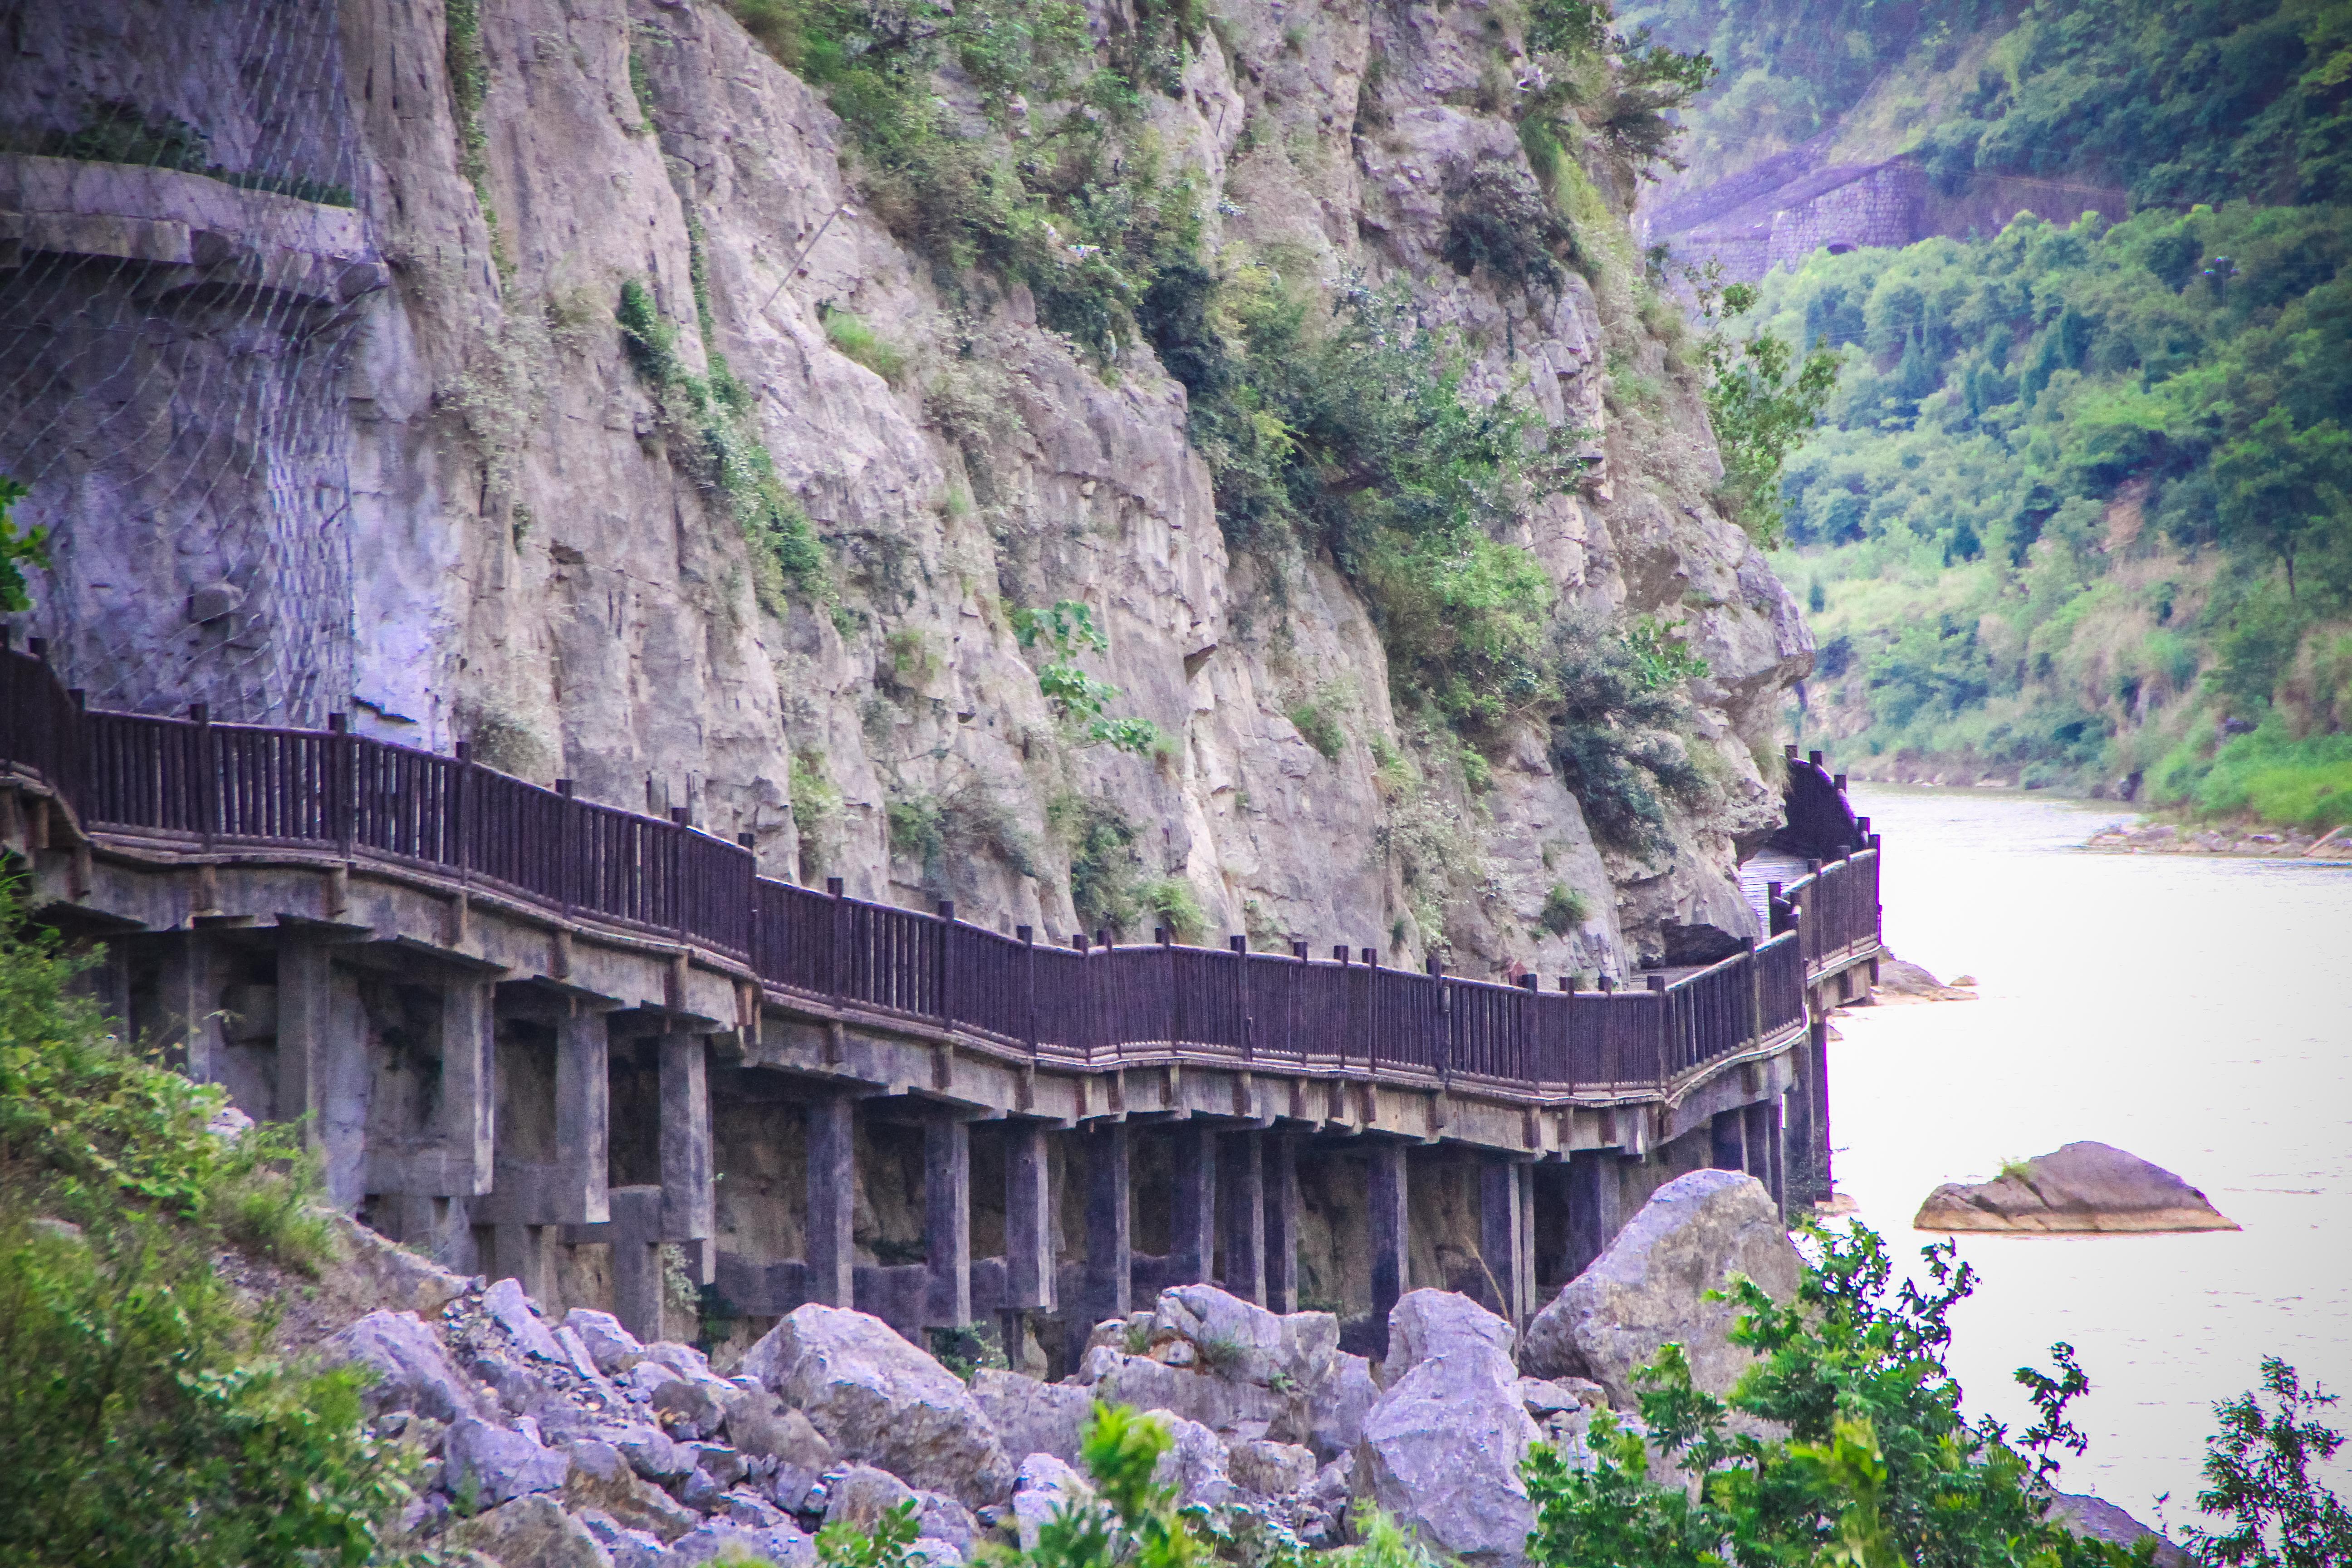 Mingyue Gorge